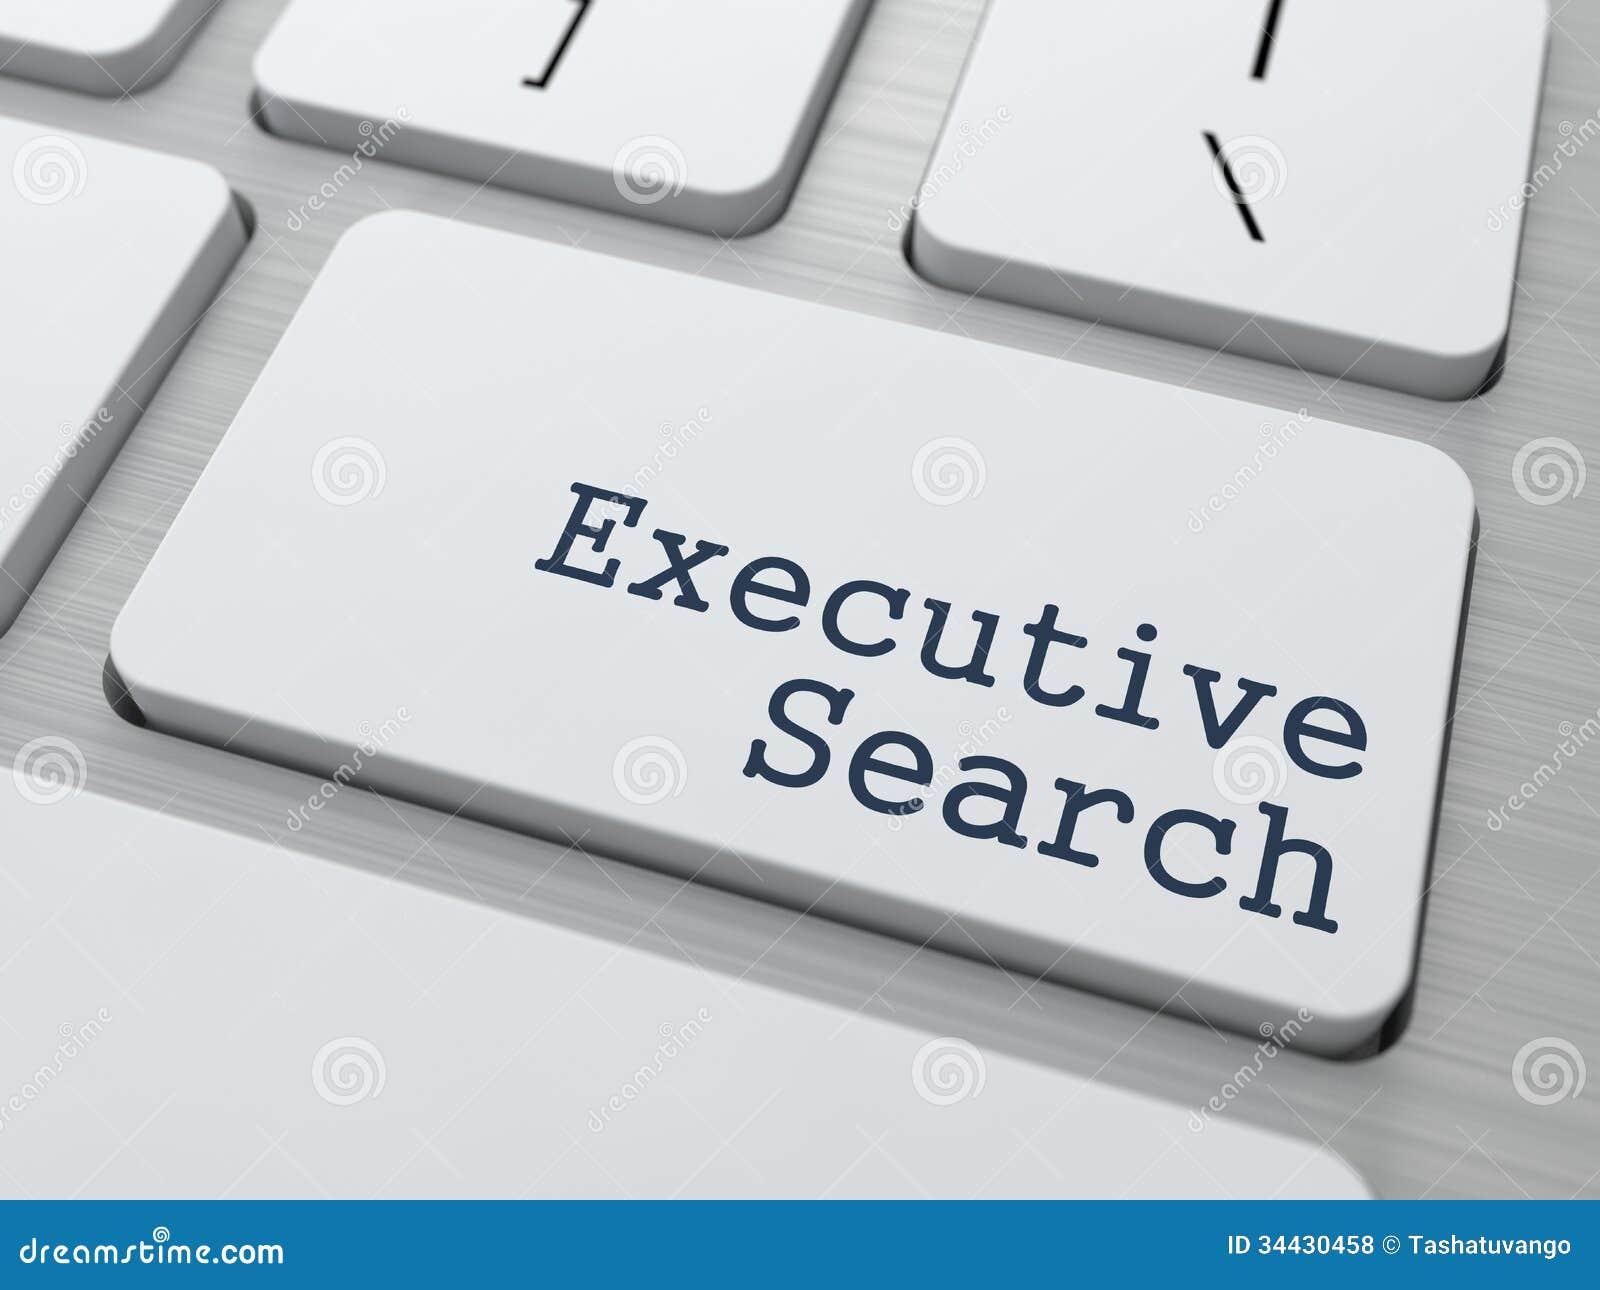 Kansas Business Entity Search